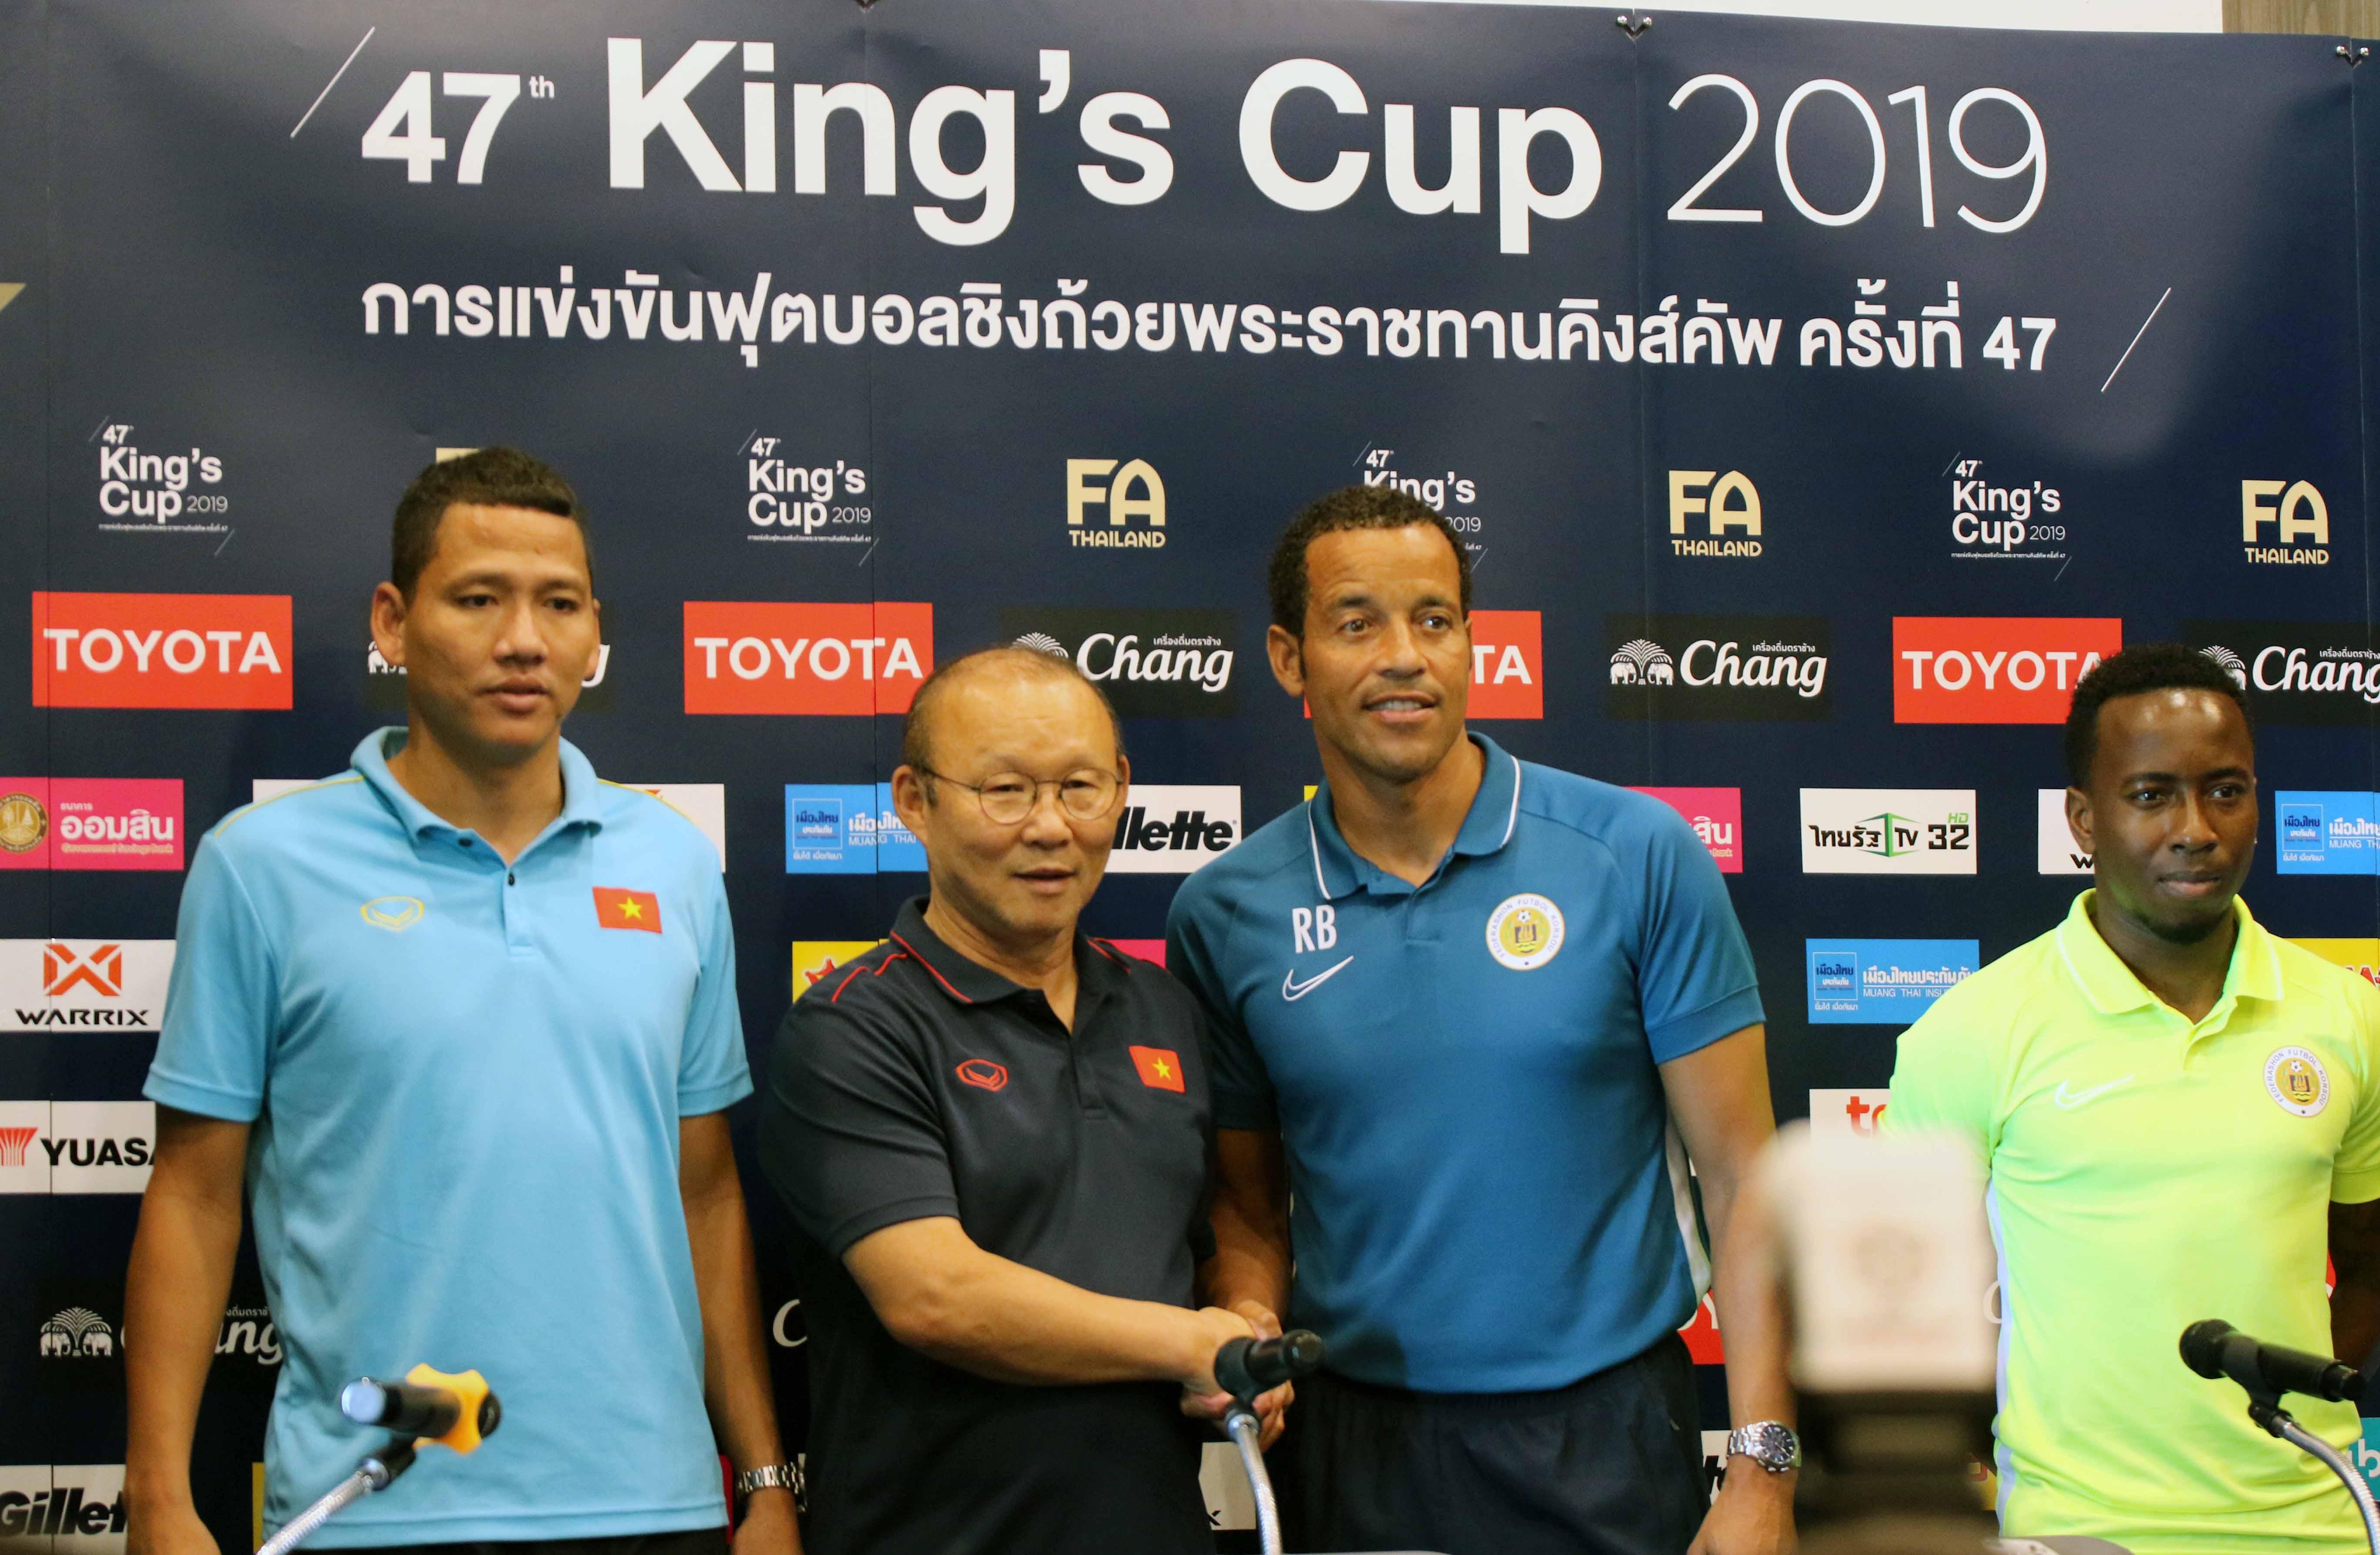 Phát biểu trước trận chung kết King's Cup 2019: Việt Nam và Curacao đều sẵn sàng nhập cuộc